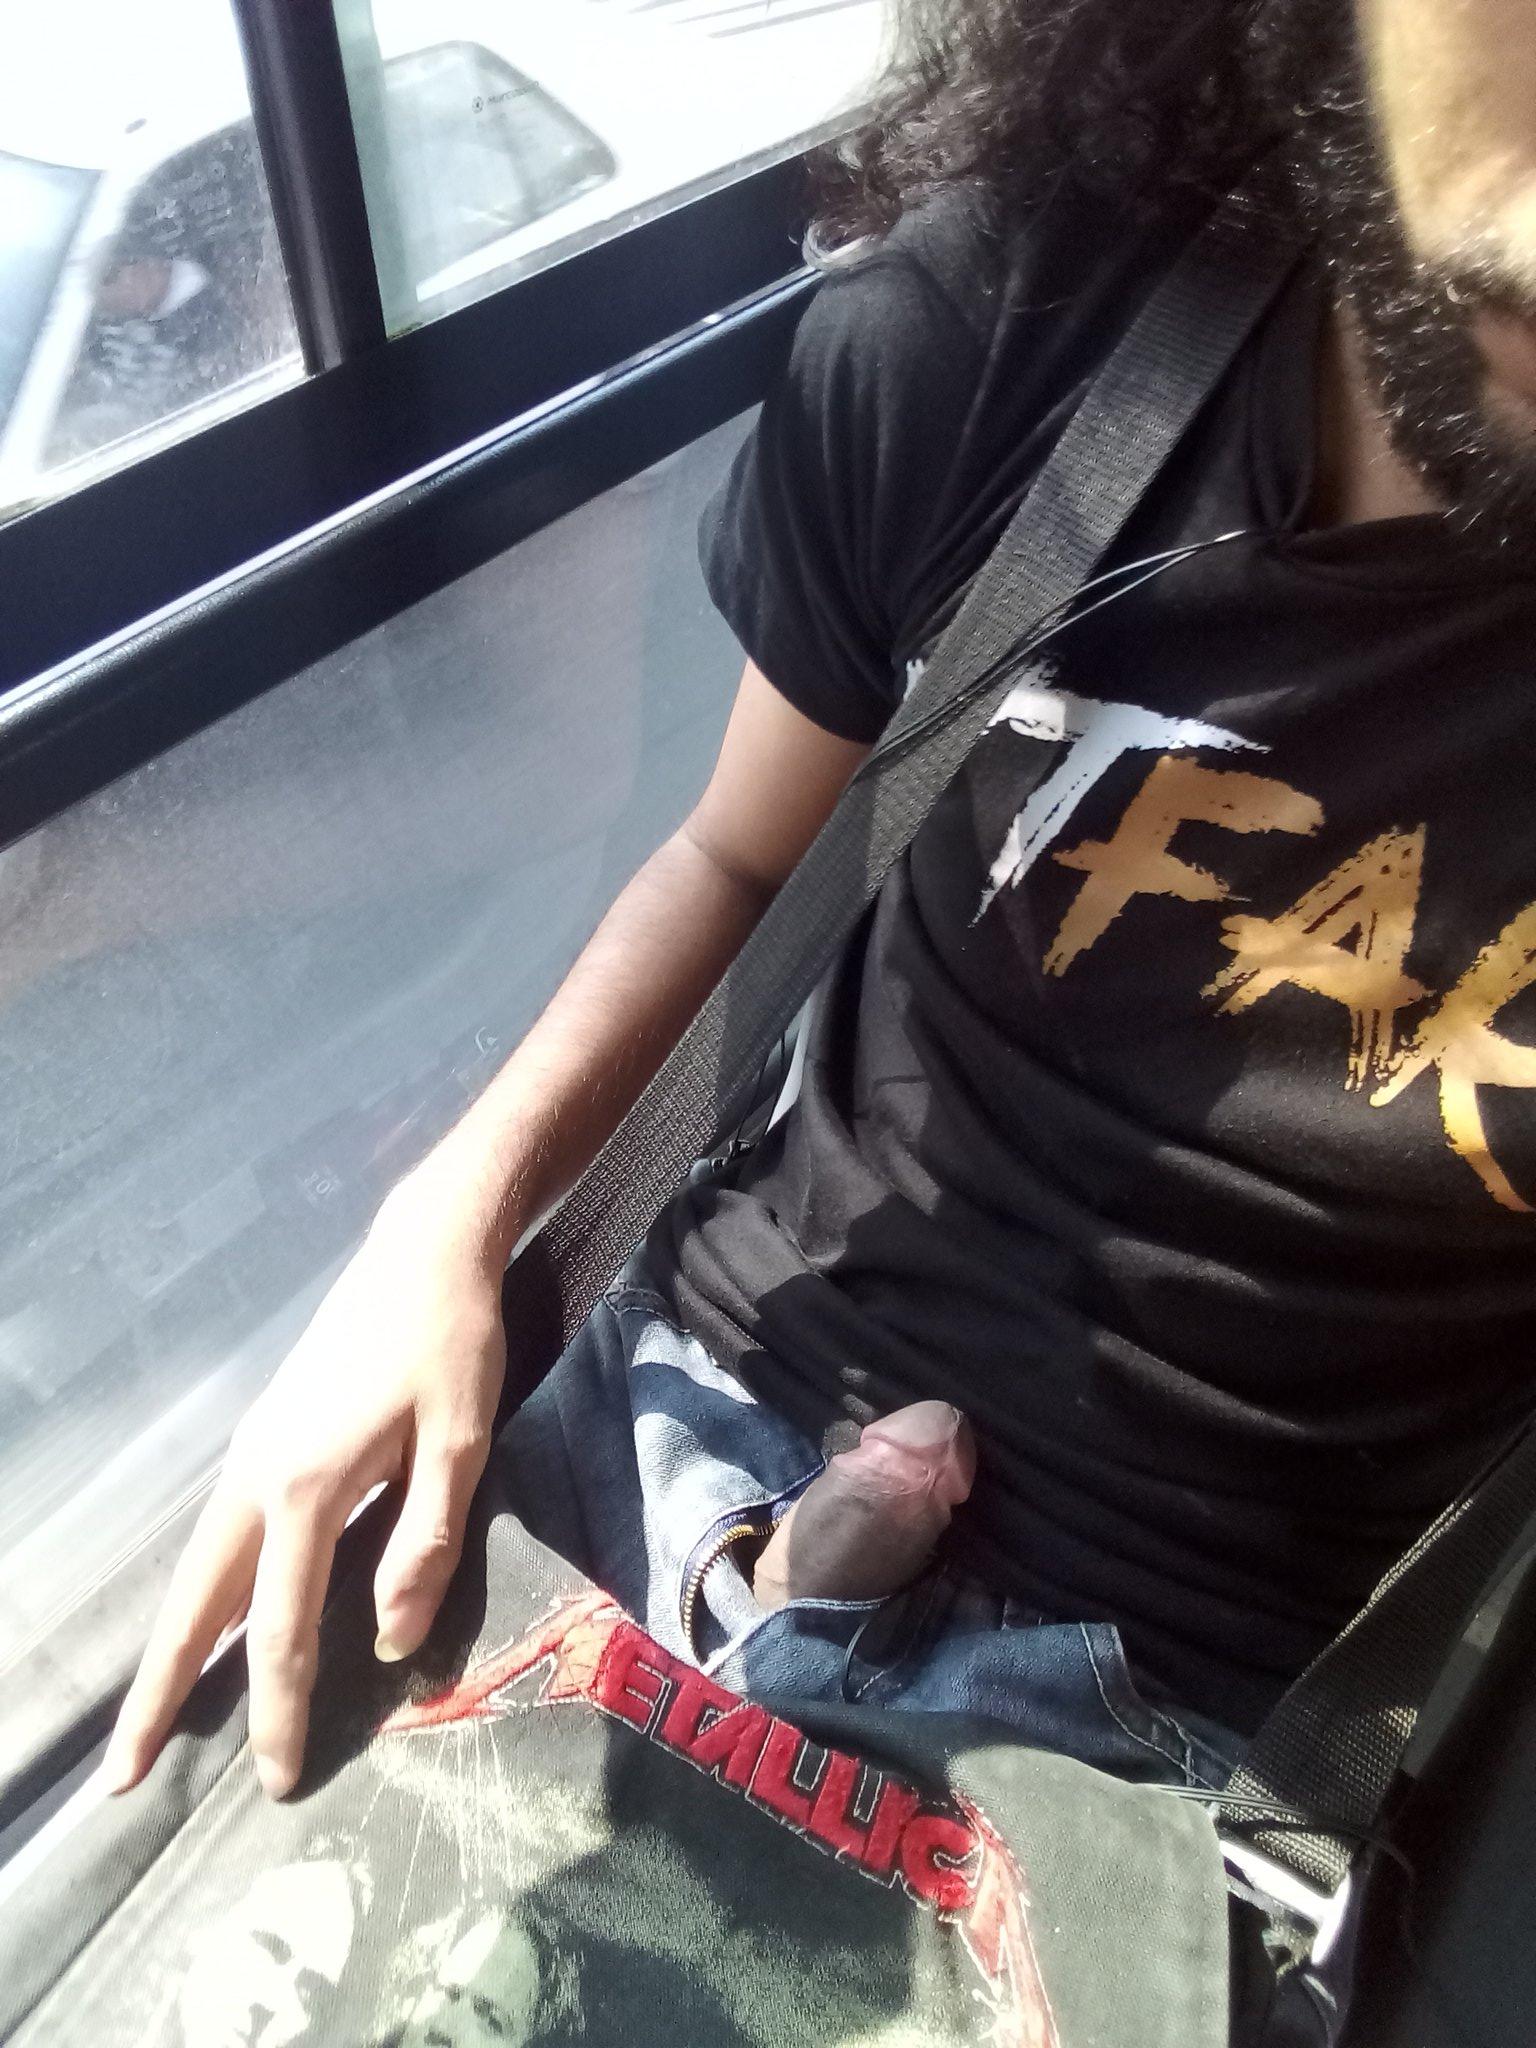 glande de pene en el bus